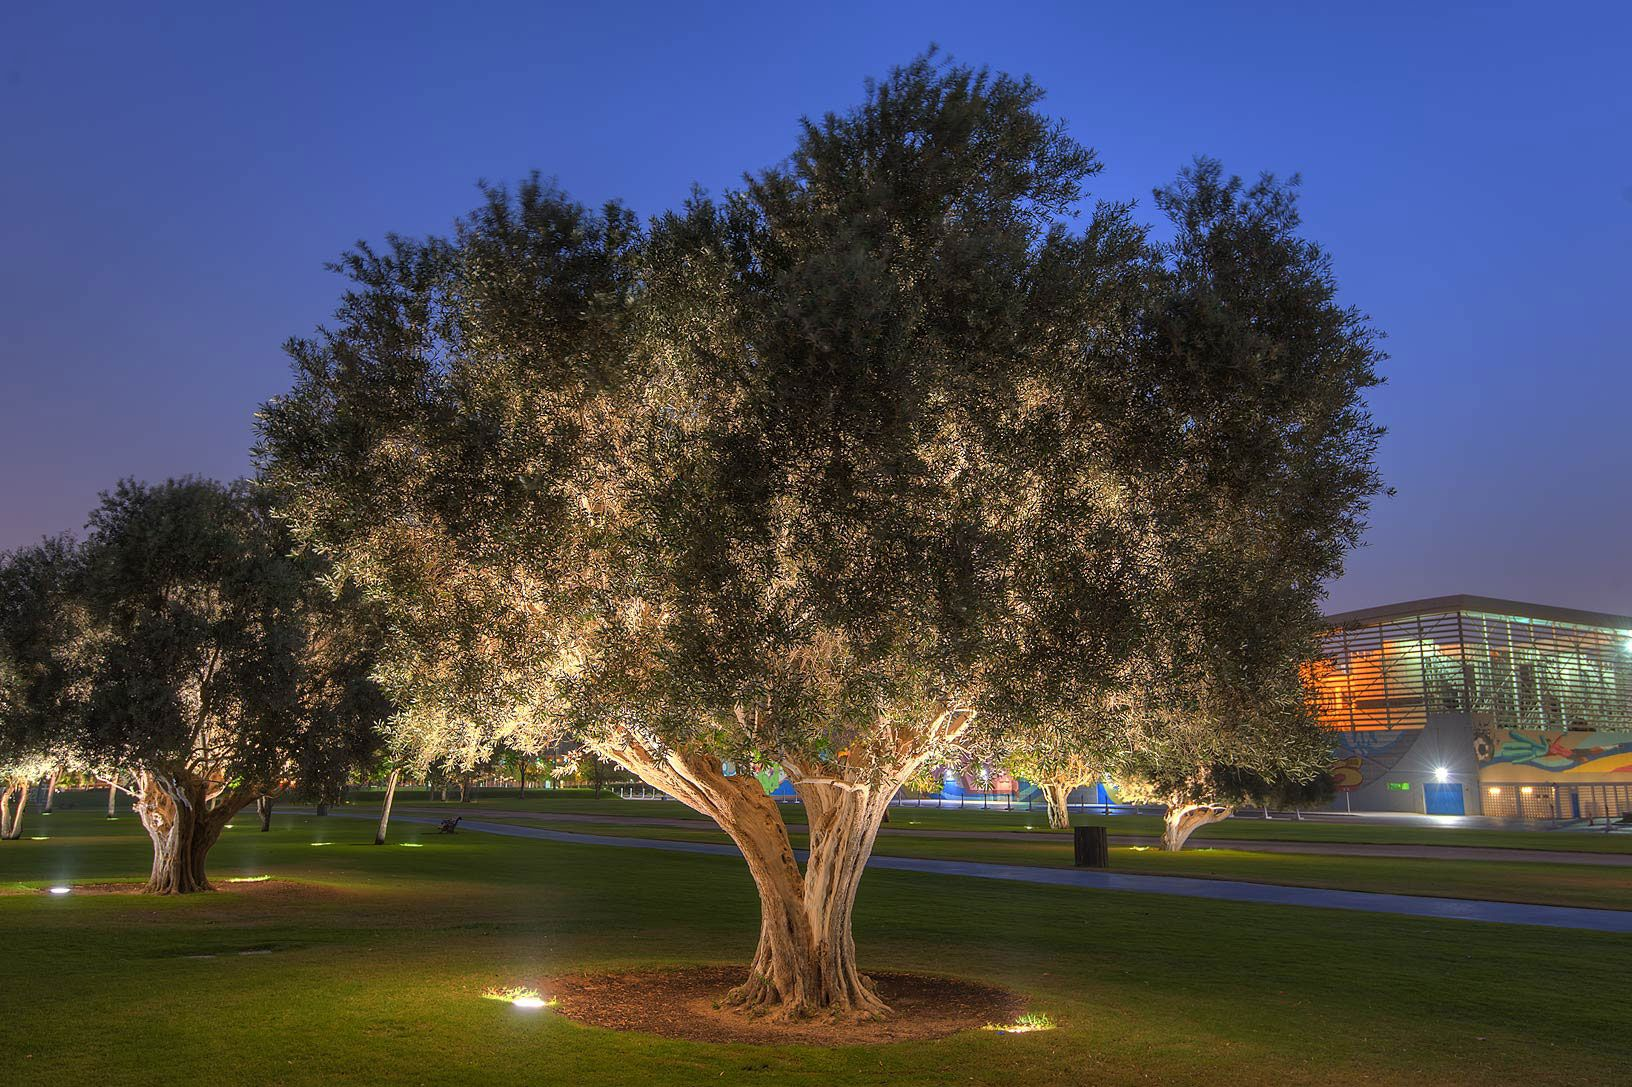 Oliva 'Olea europaea' Olive tree, Oliva, Golf courses